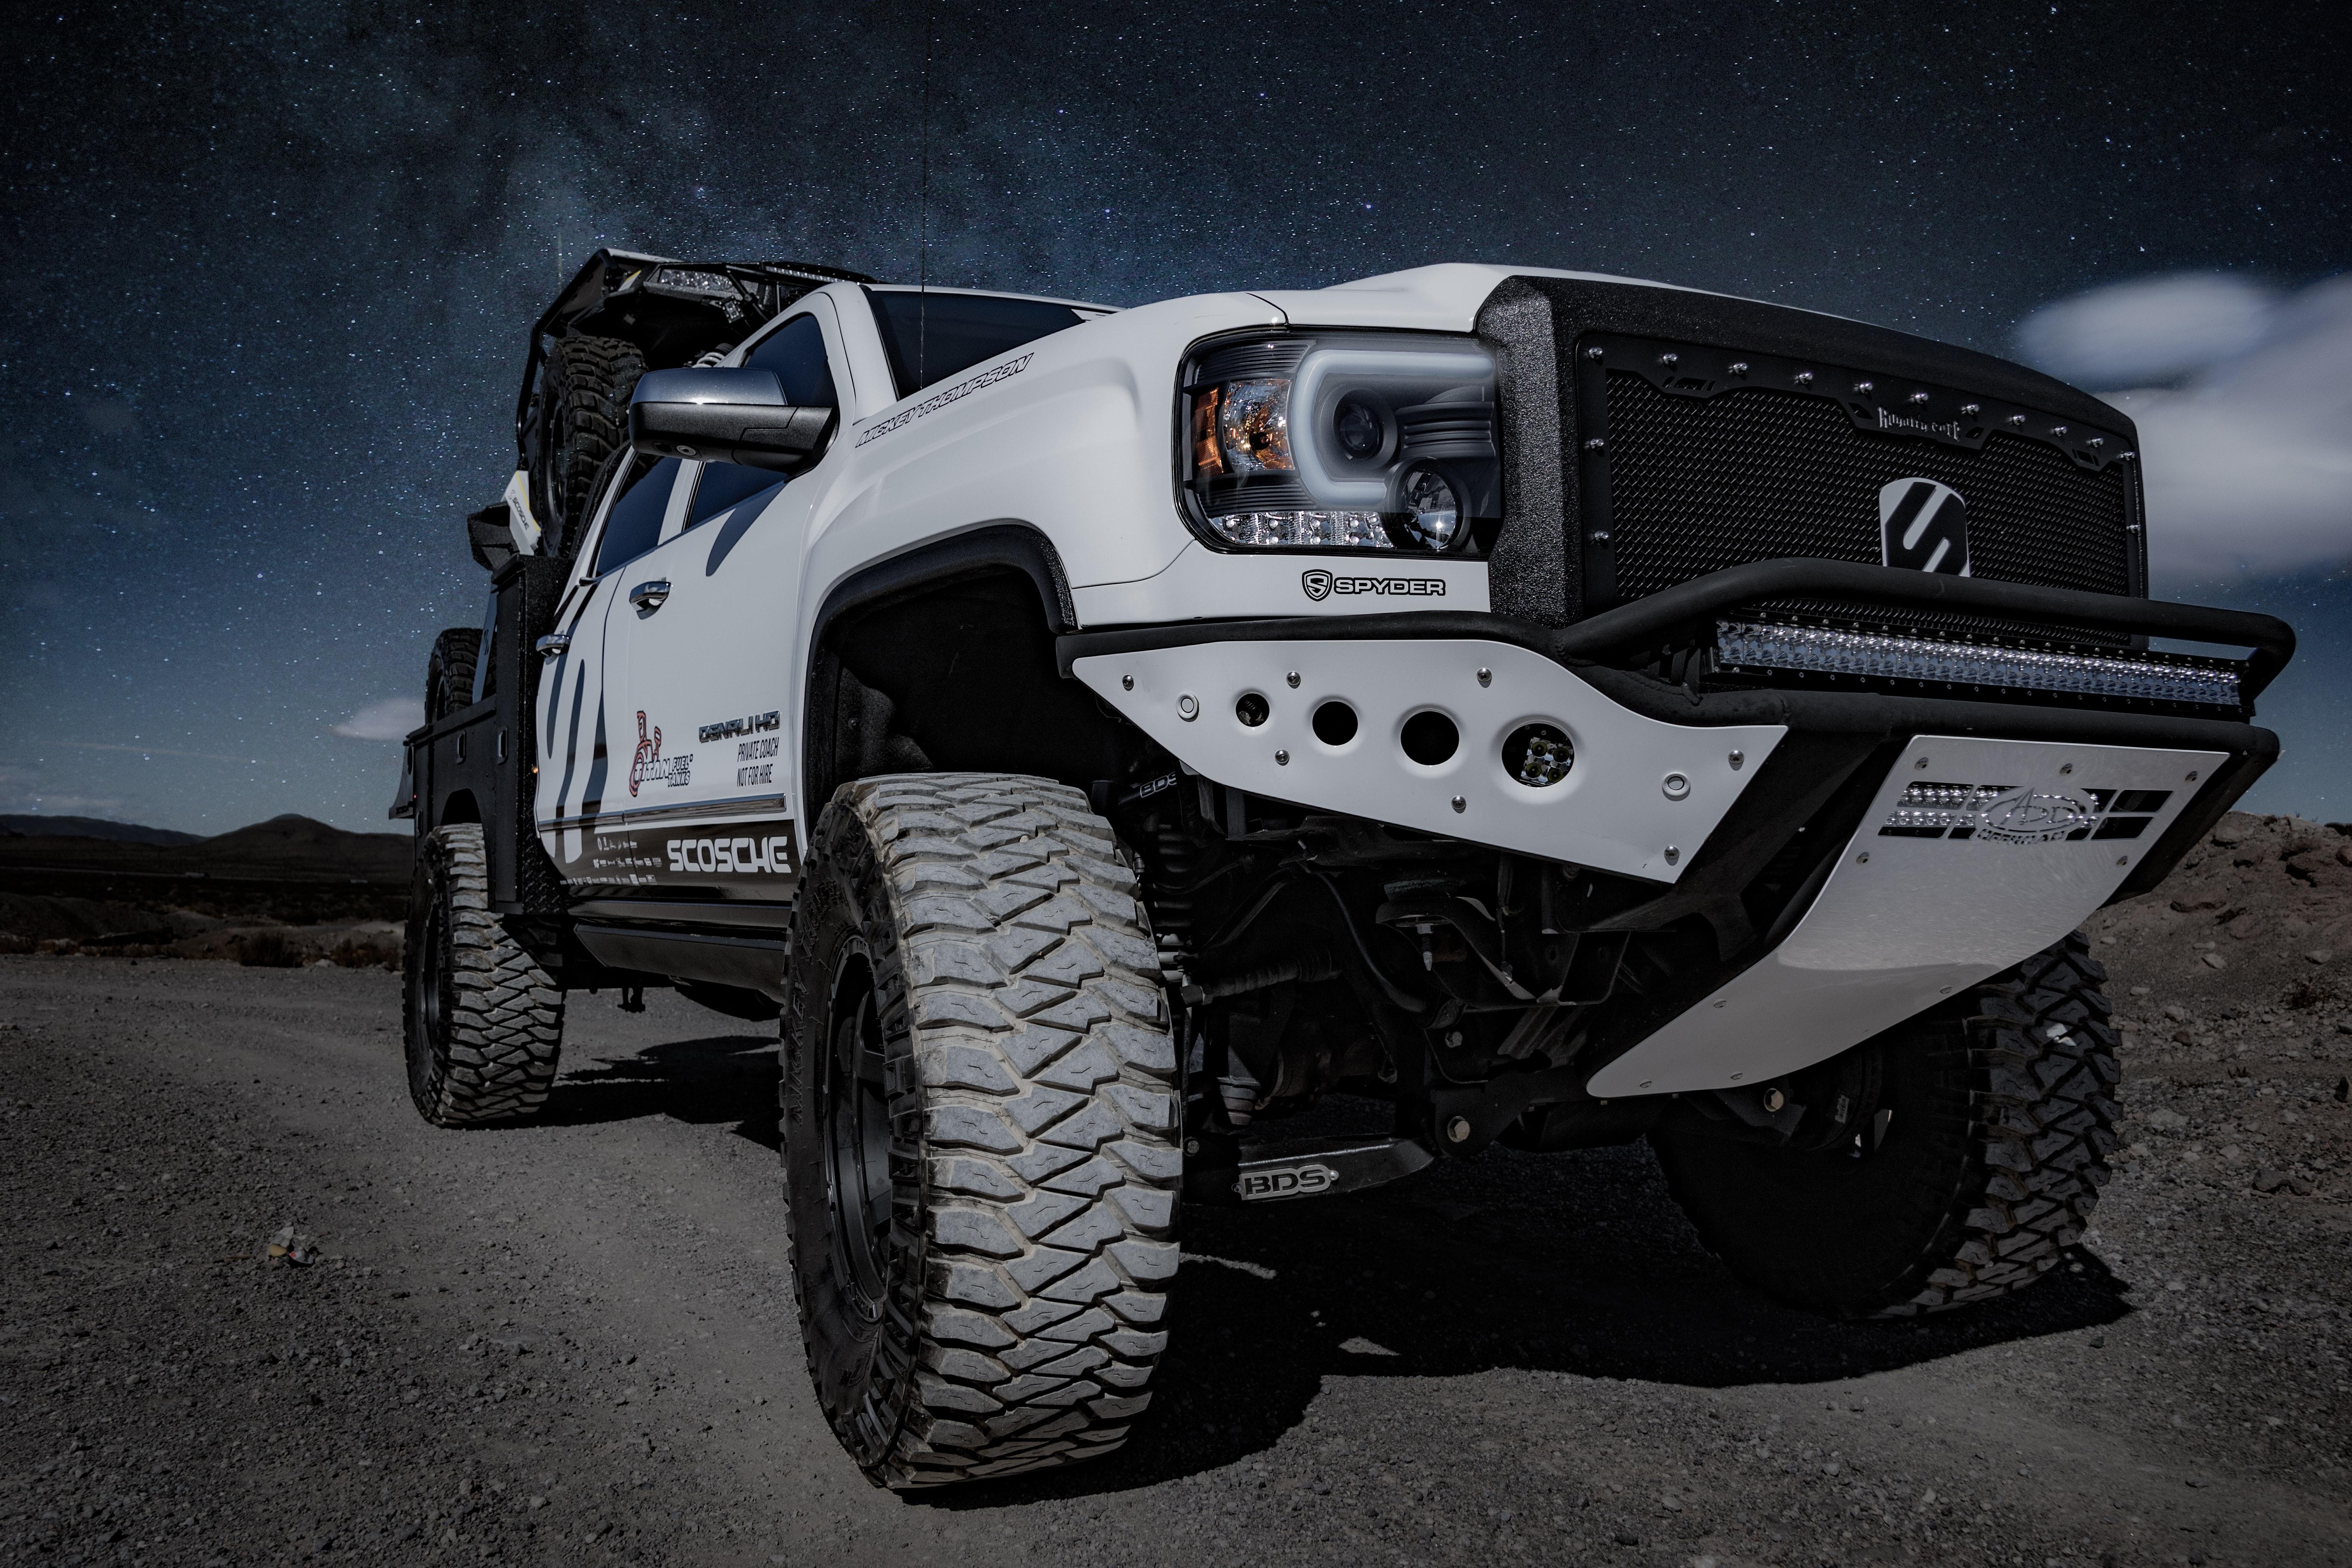 White Dodge Ram 1500 Pickup Truck Free Stock Photo